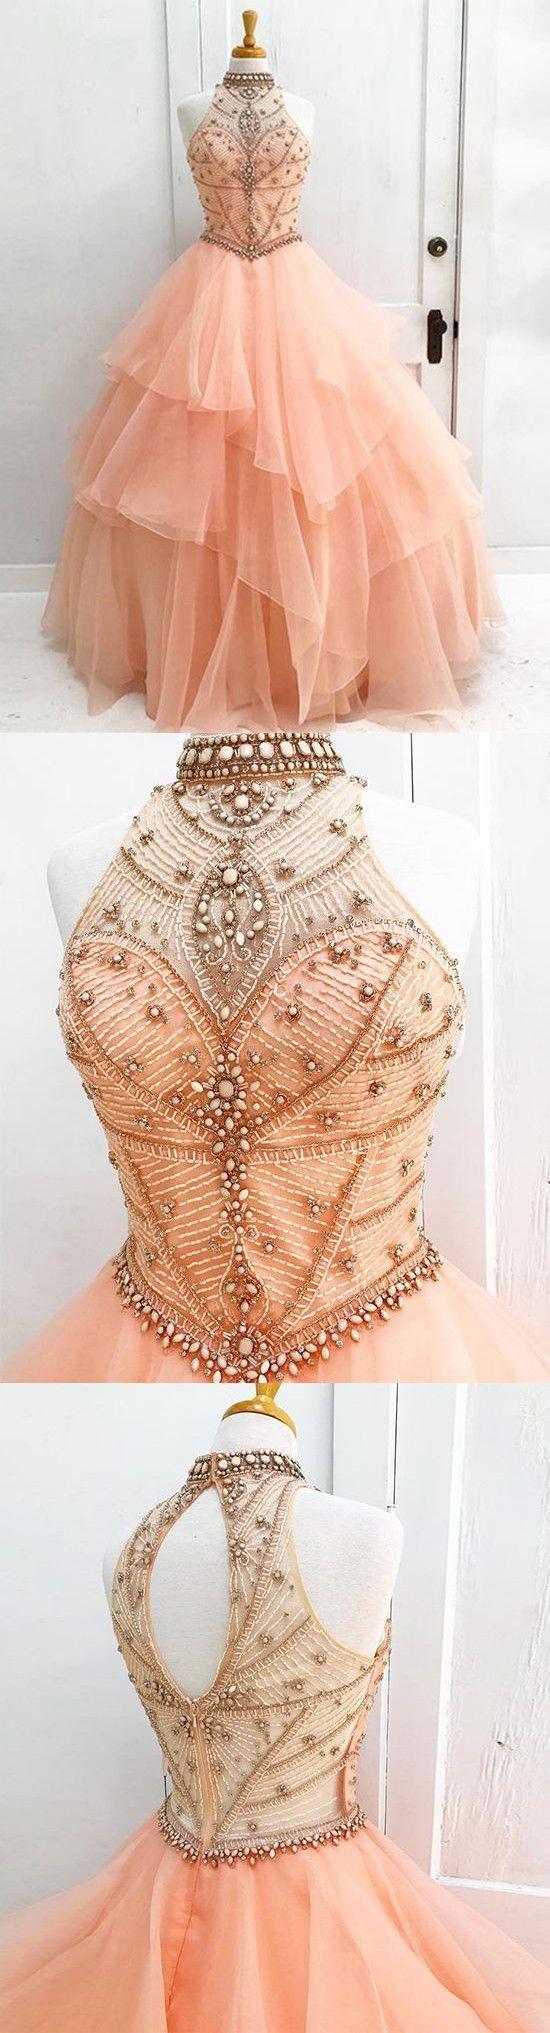 Photo of Wunderschönes rosa Tüll hoher Hals trägerlos langes Abendkleid mit offenem Rücken #gorgeousgo …